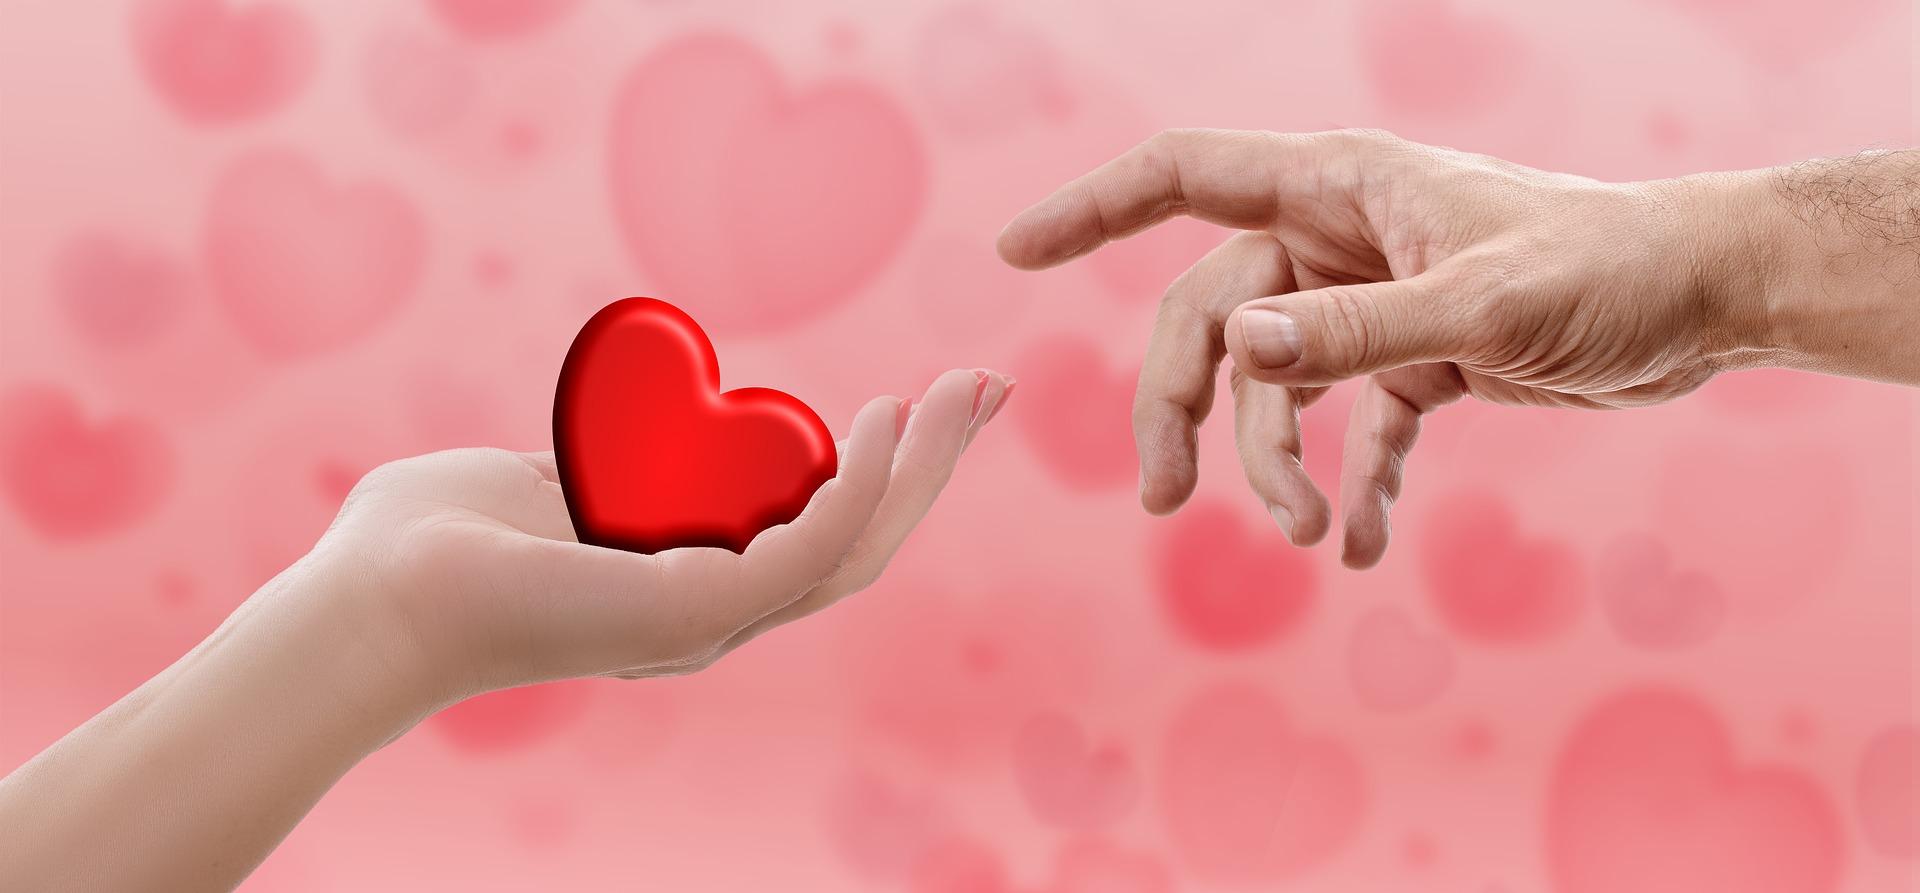 El generoso compulsivo está convencido de que el único modo de recibir afecto es dar sin límite.